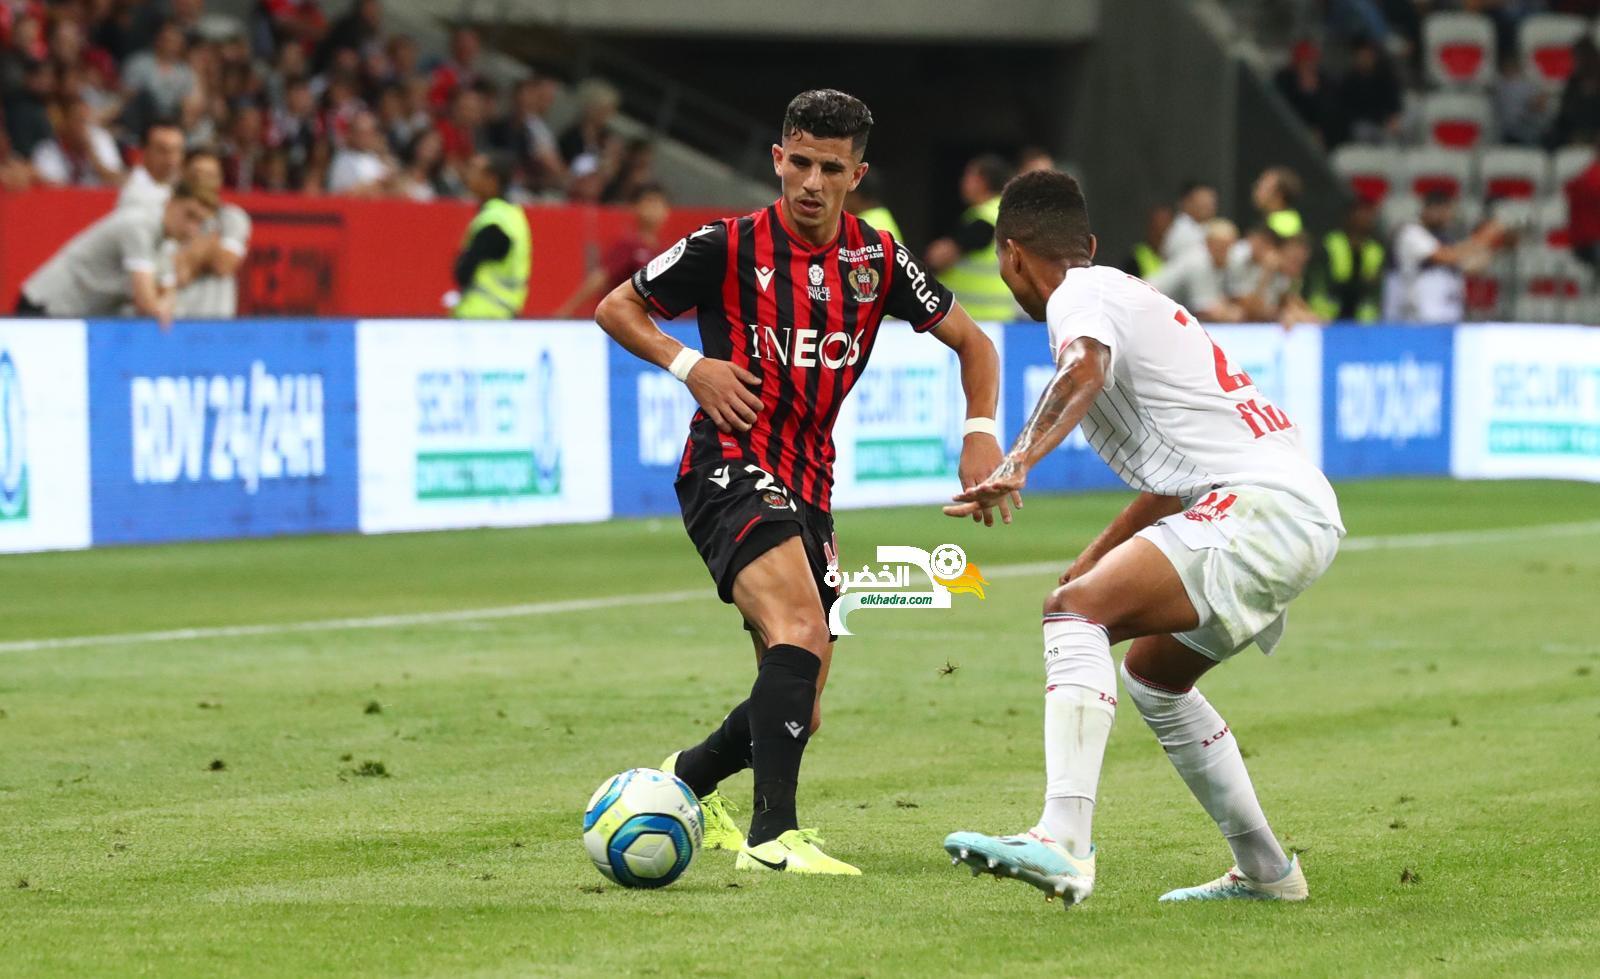 يوسف عطال في تشكيلة الأسبوع بالدوري الفرنسي حسب l'équipe 24